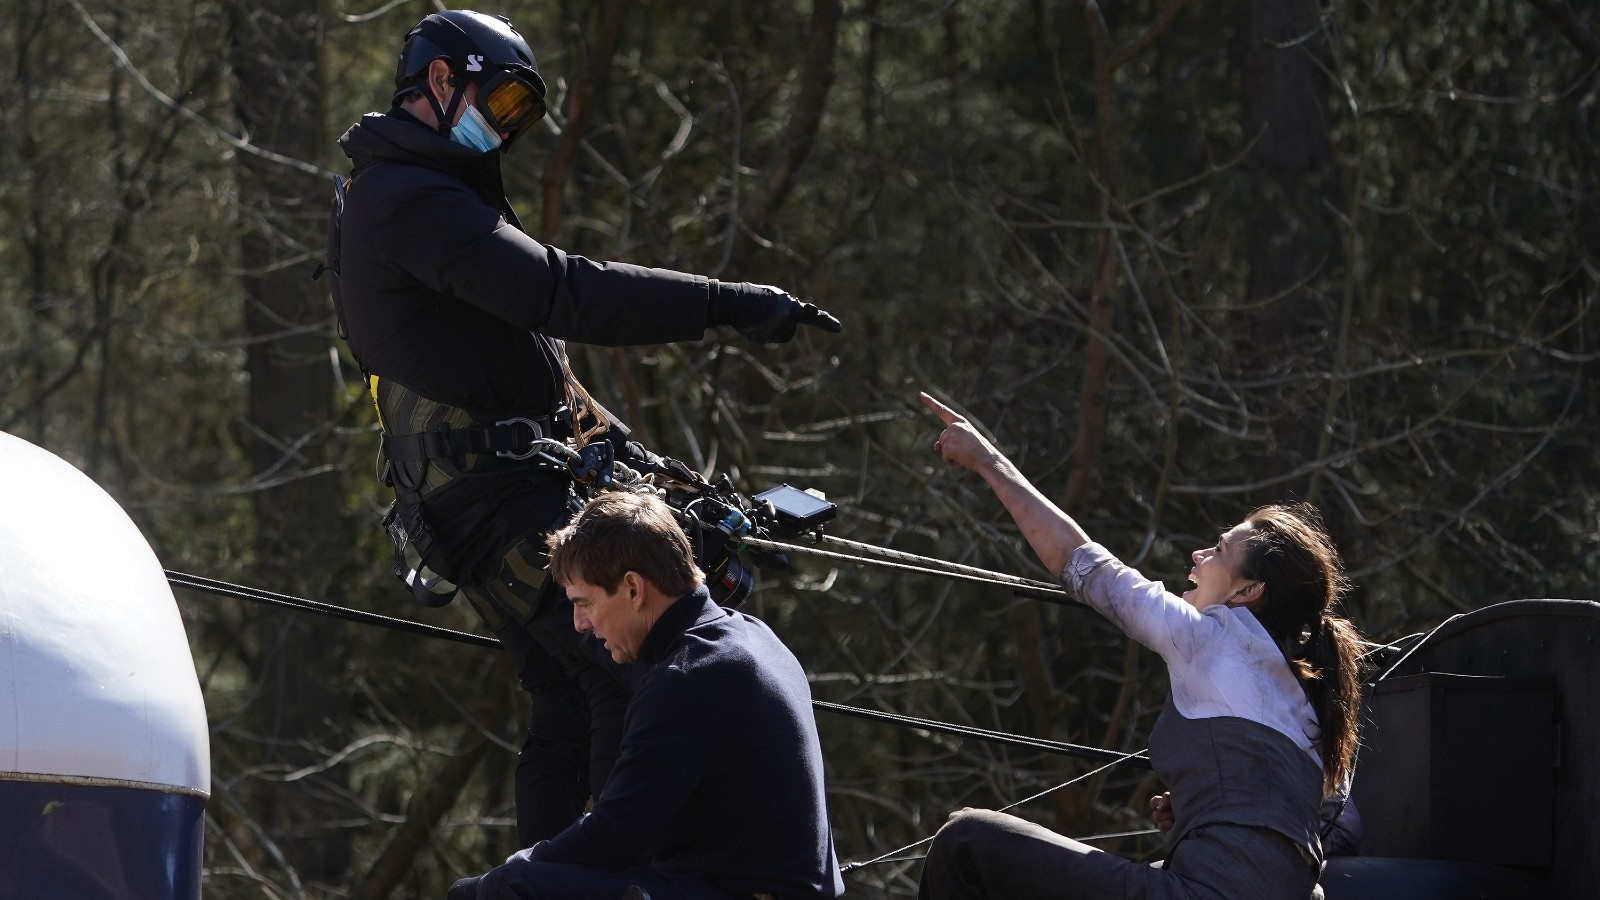 Tom Cruise, tournage de Mission Impossible 7 dans le Yorkshire